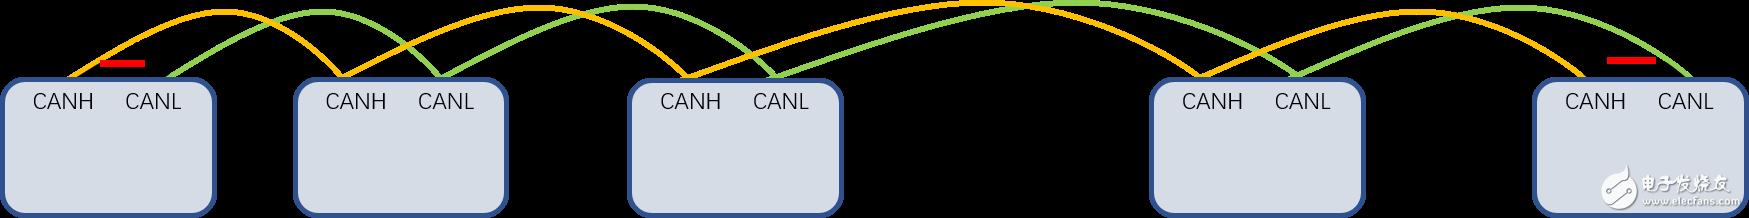 合适的CAN总线拓扑结构如何选择?